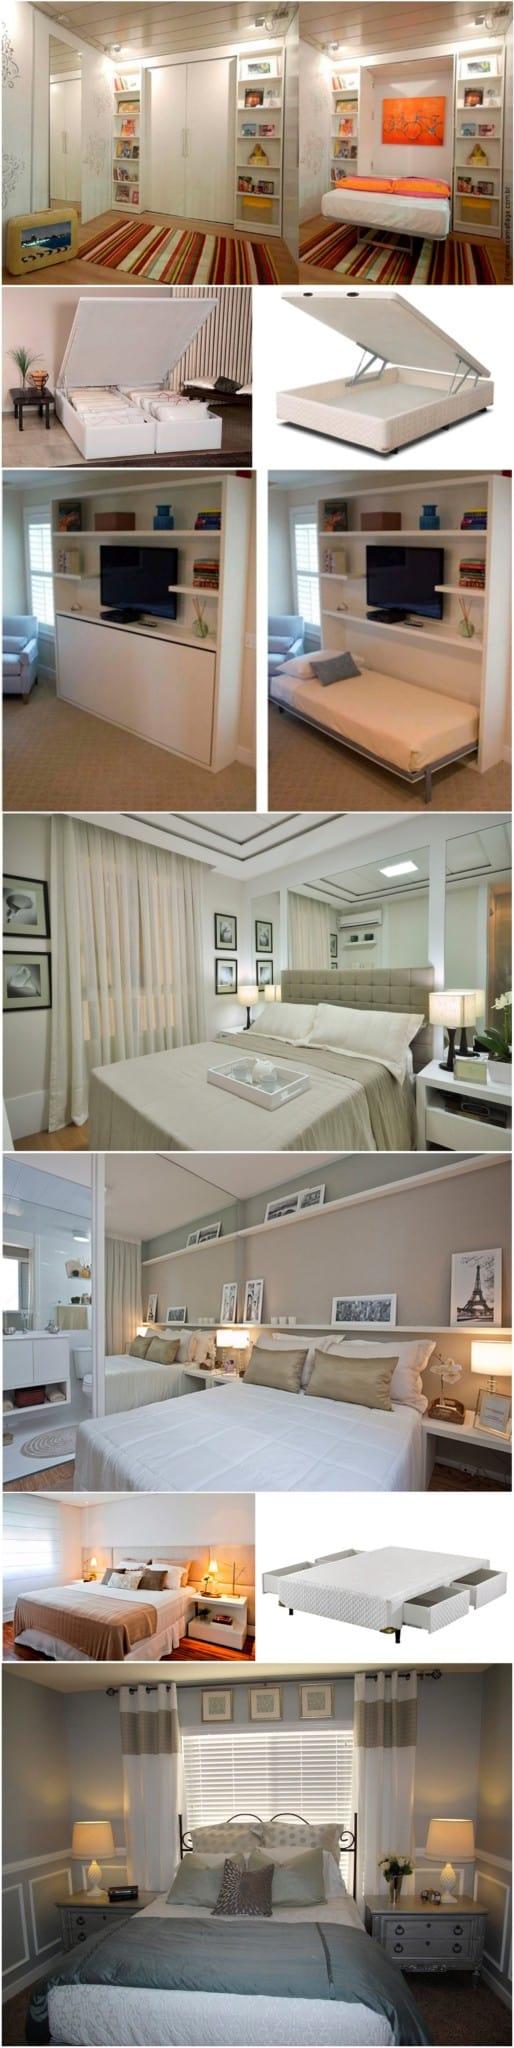 apartamentos pequenos decorados quarto